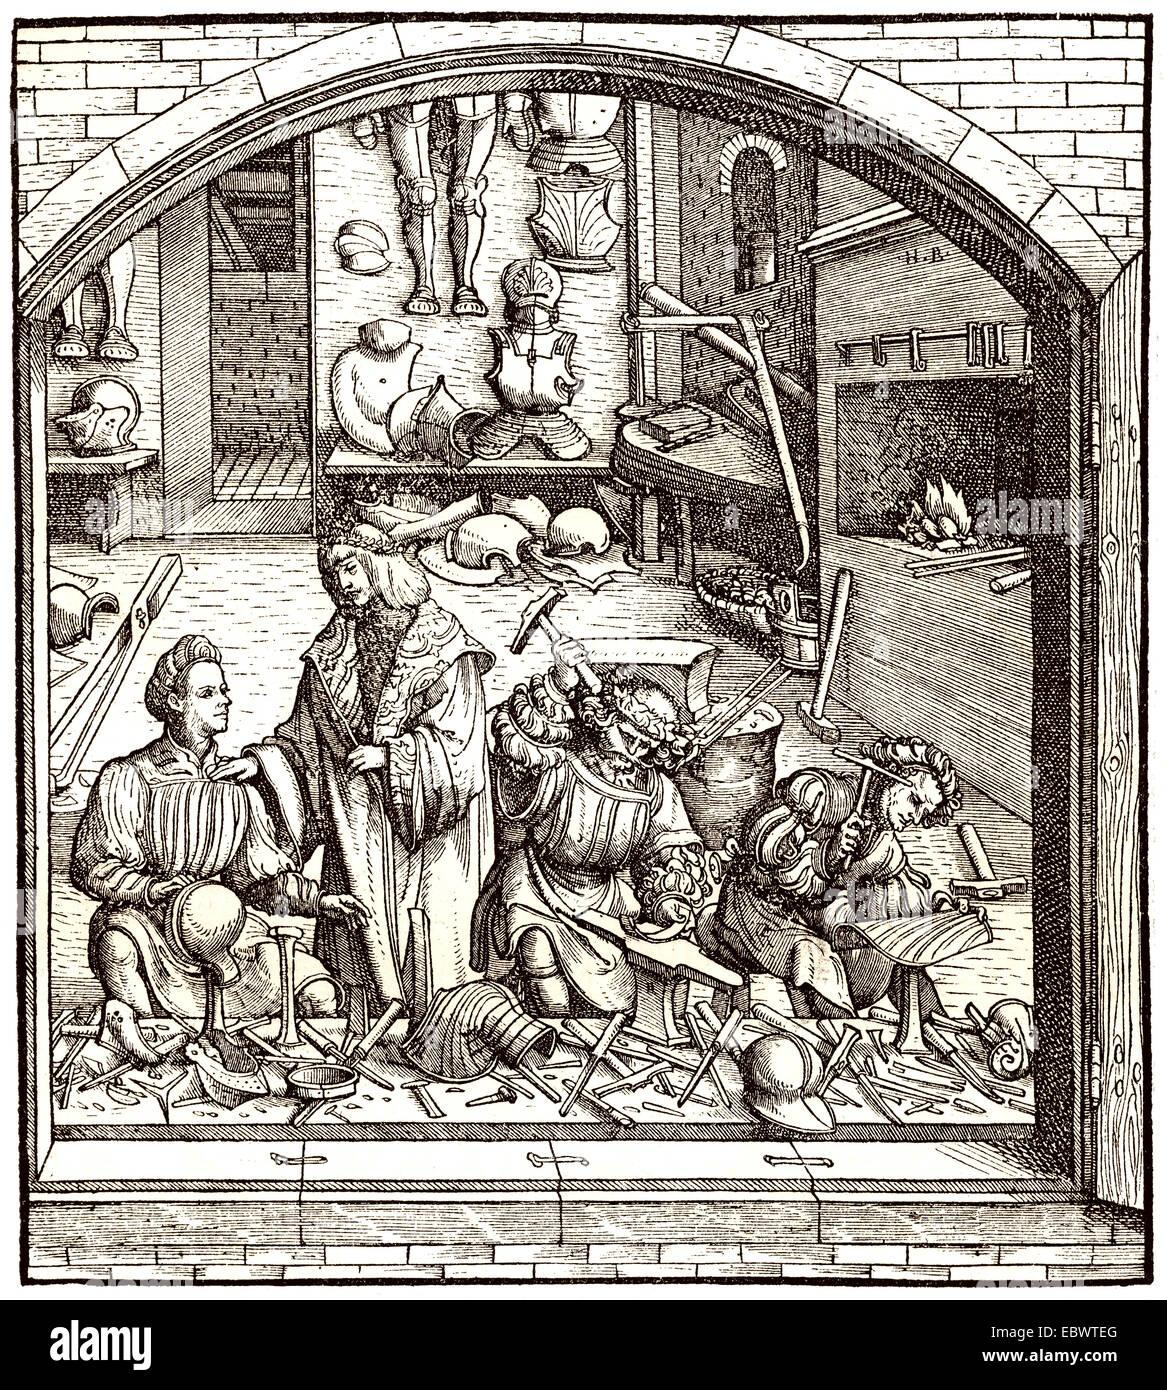 Workshop of a blades smith, c. 1500, Eine Werkstatt der Waffenschmiede um 1500 - Stock Image